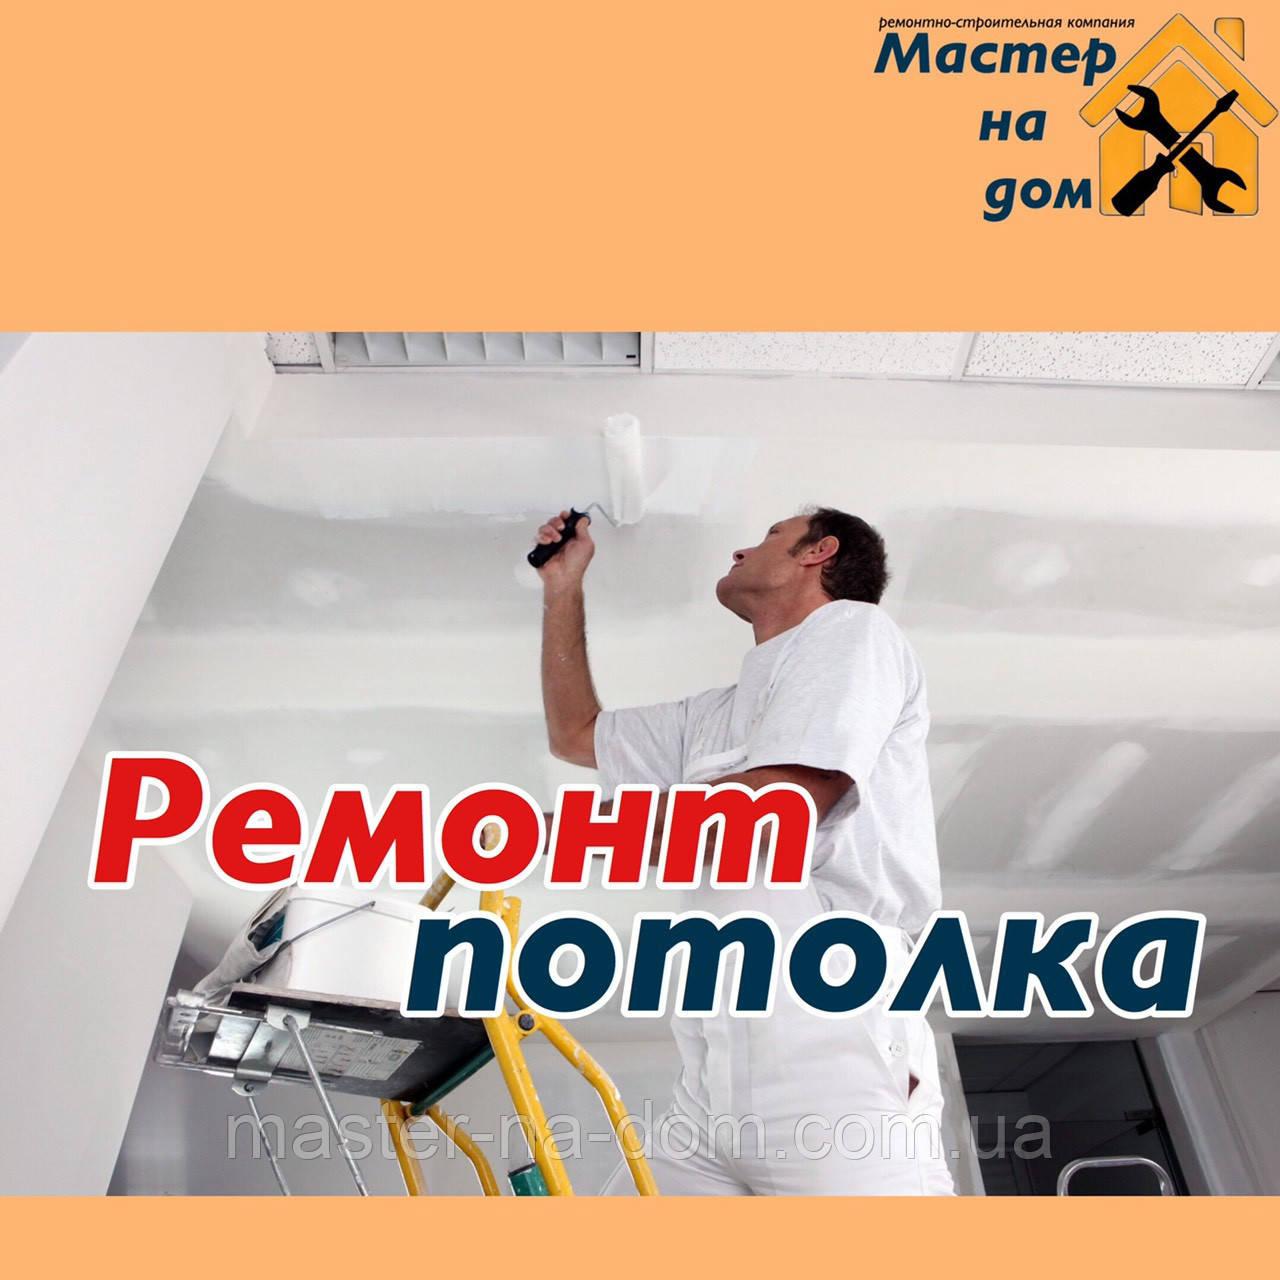 Ремонт потолка в Ужгороде